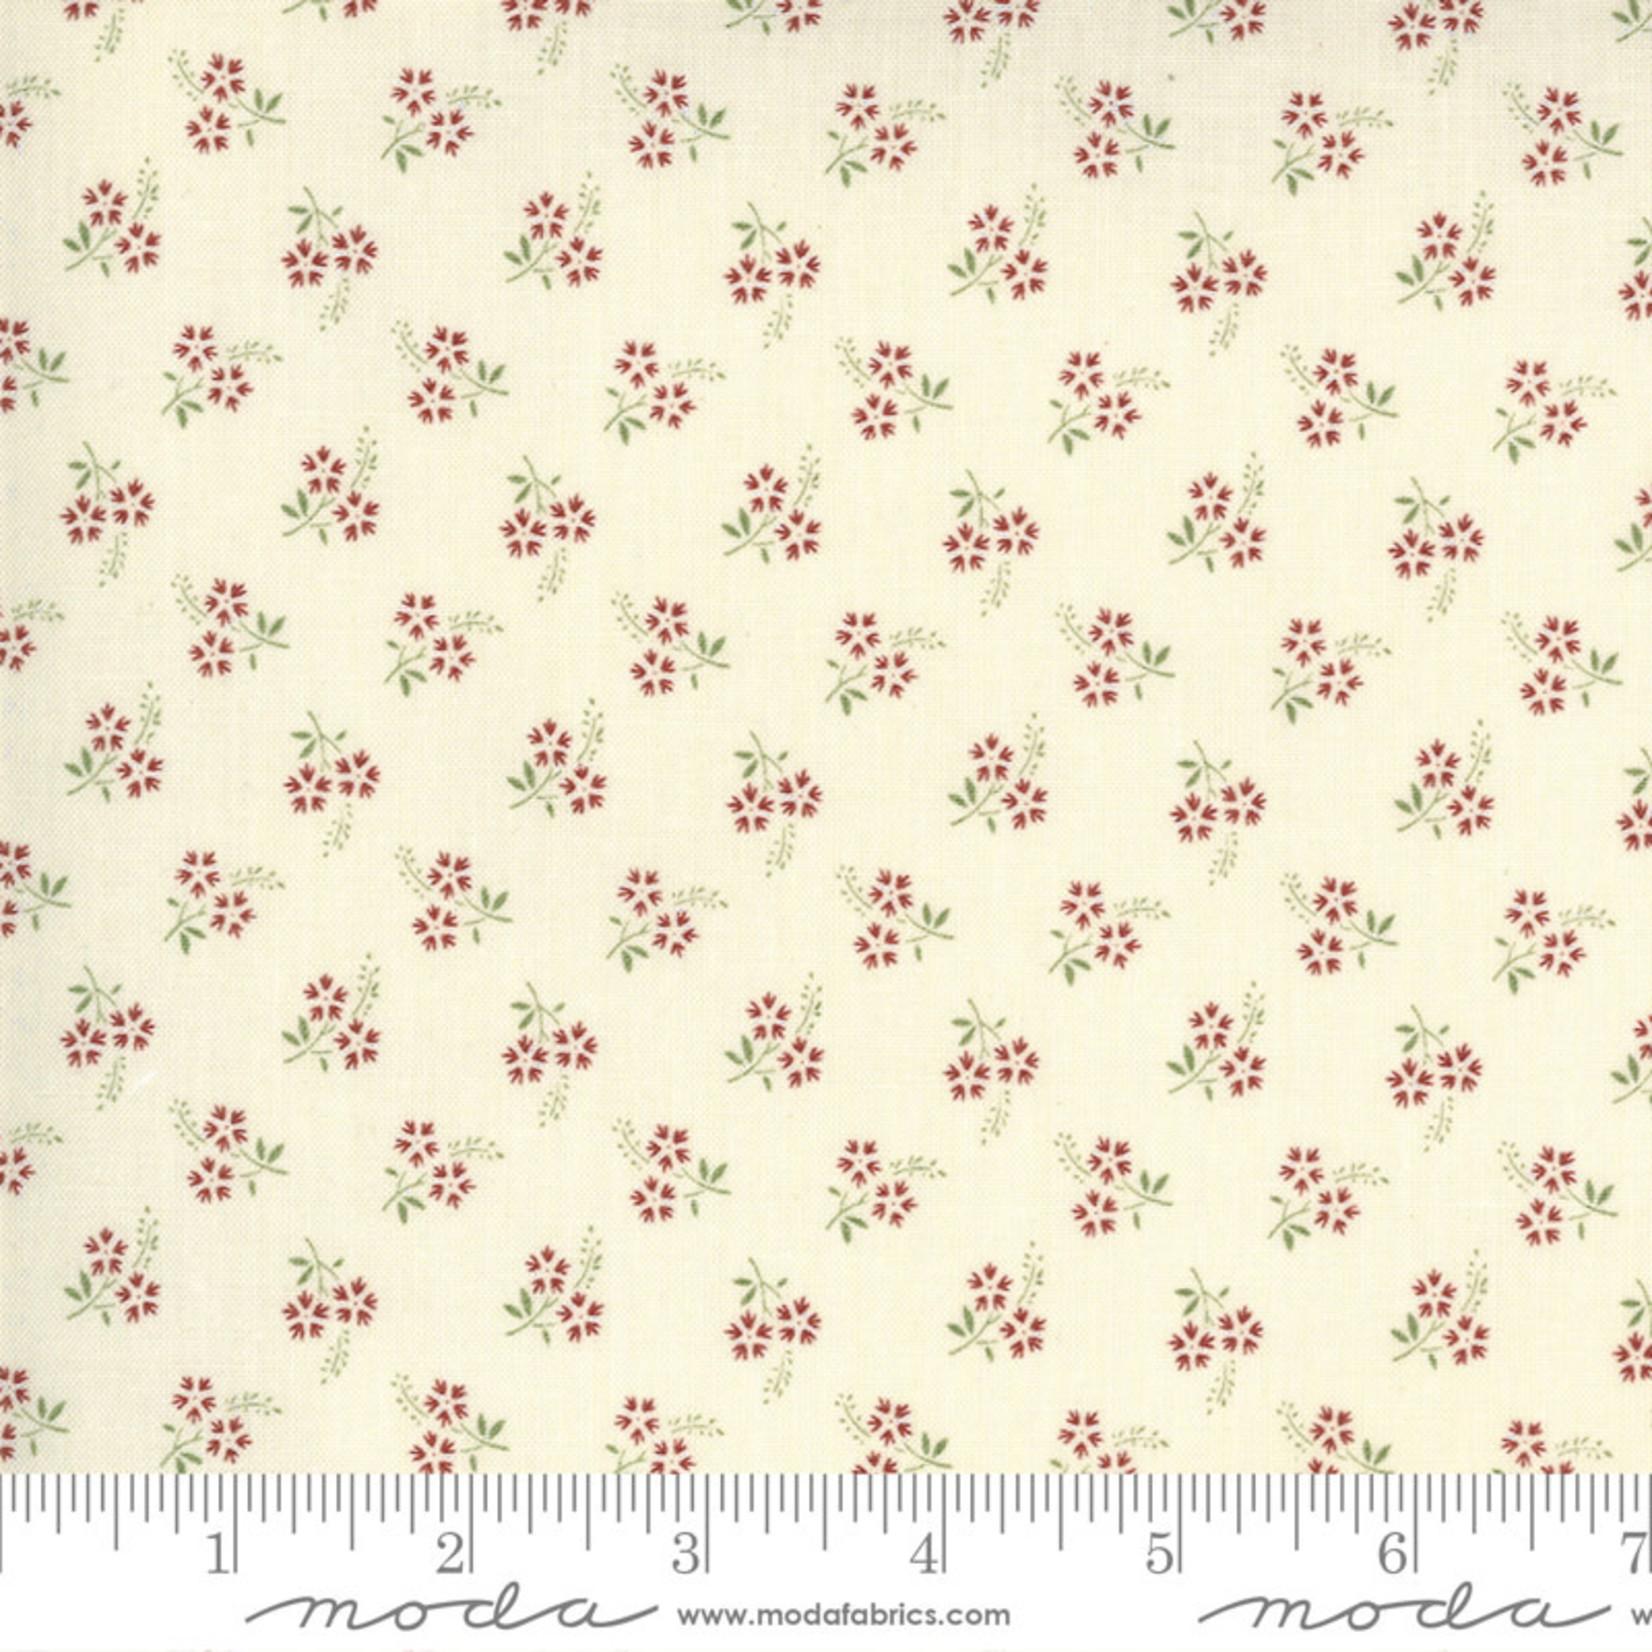 FRENCH GENERAL Jardins De Fleurs, Tuileries, Pearl 13897-18 $0.20 per cm or $20/m